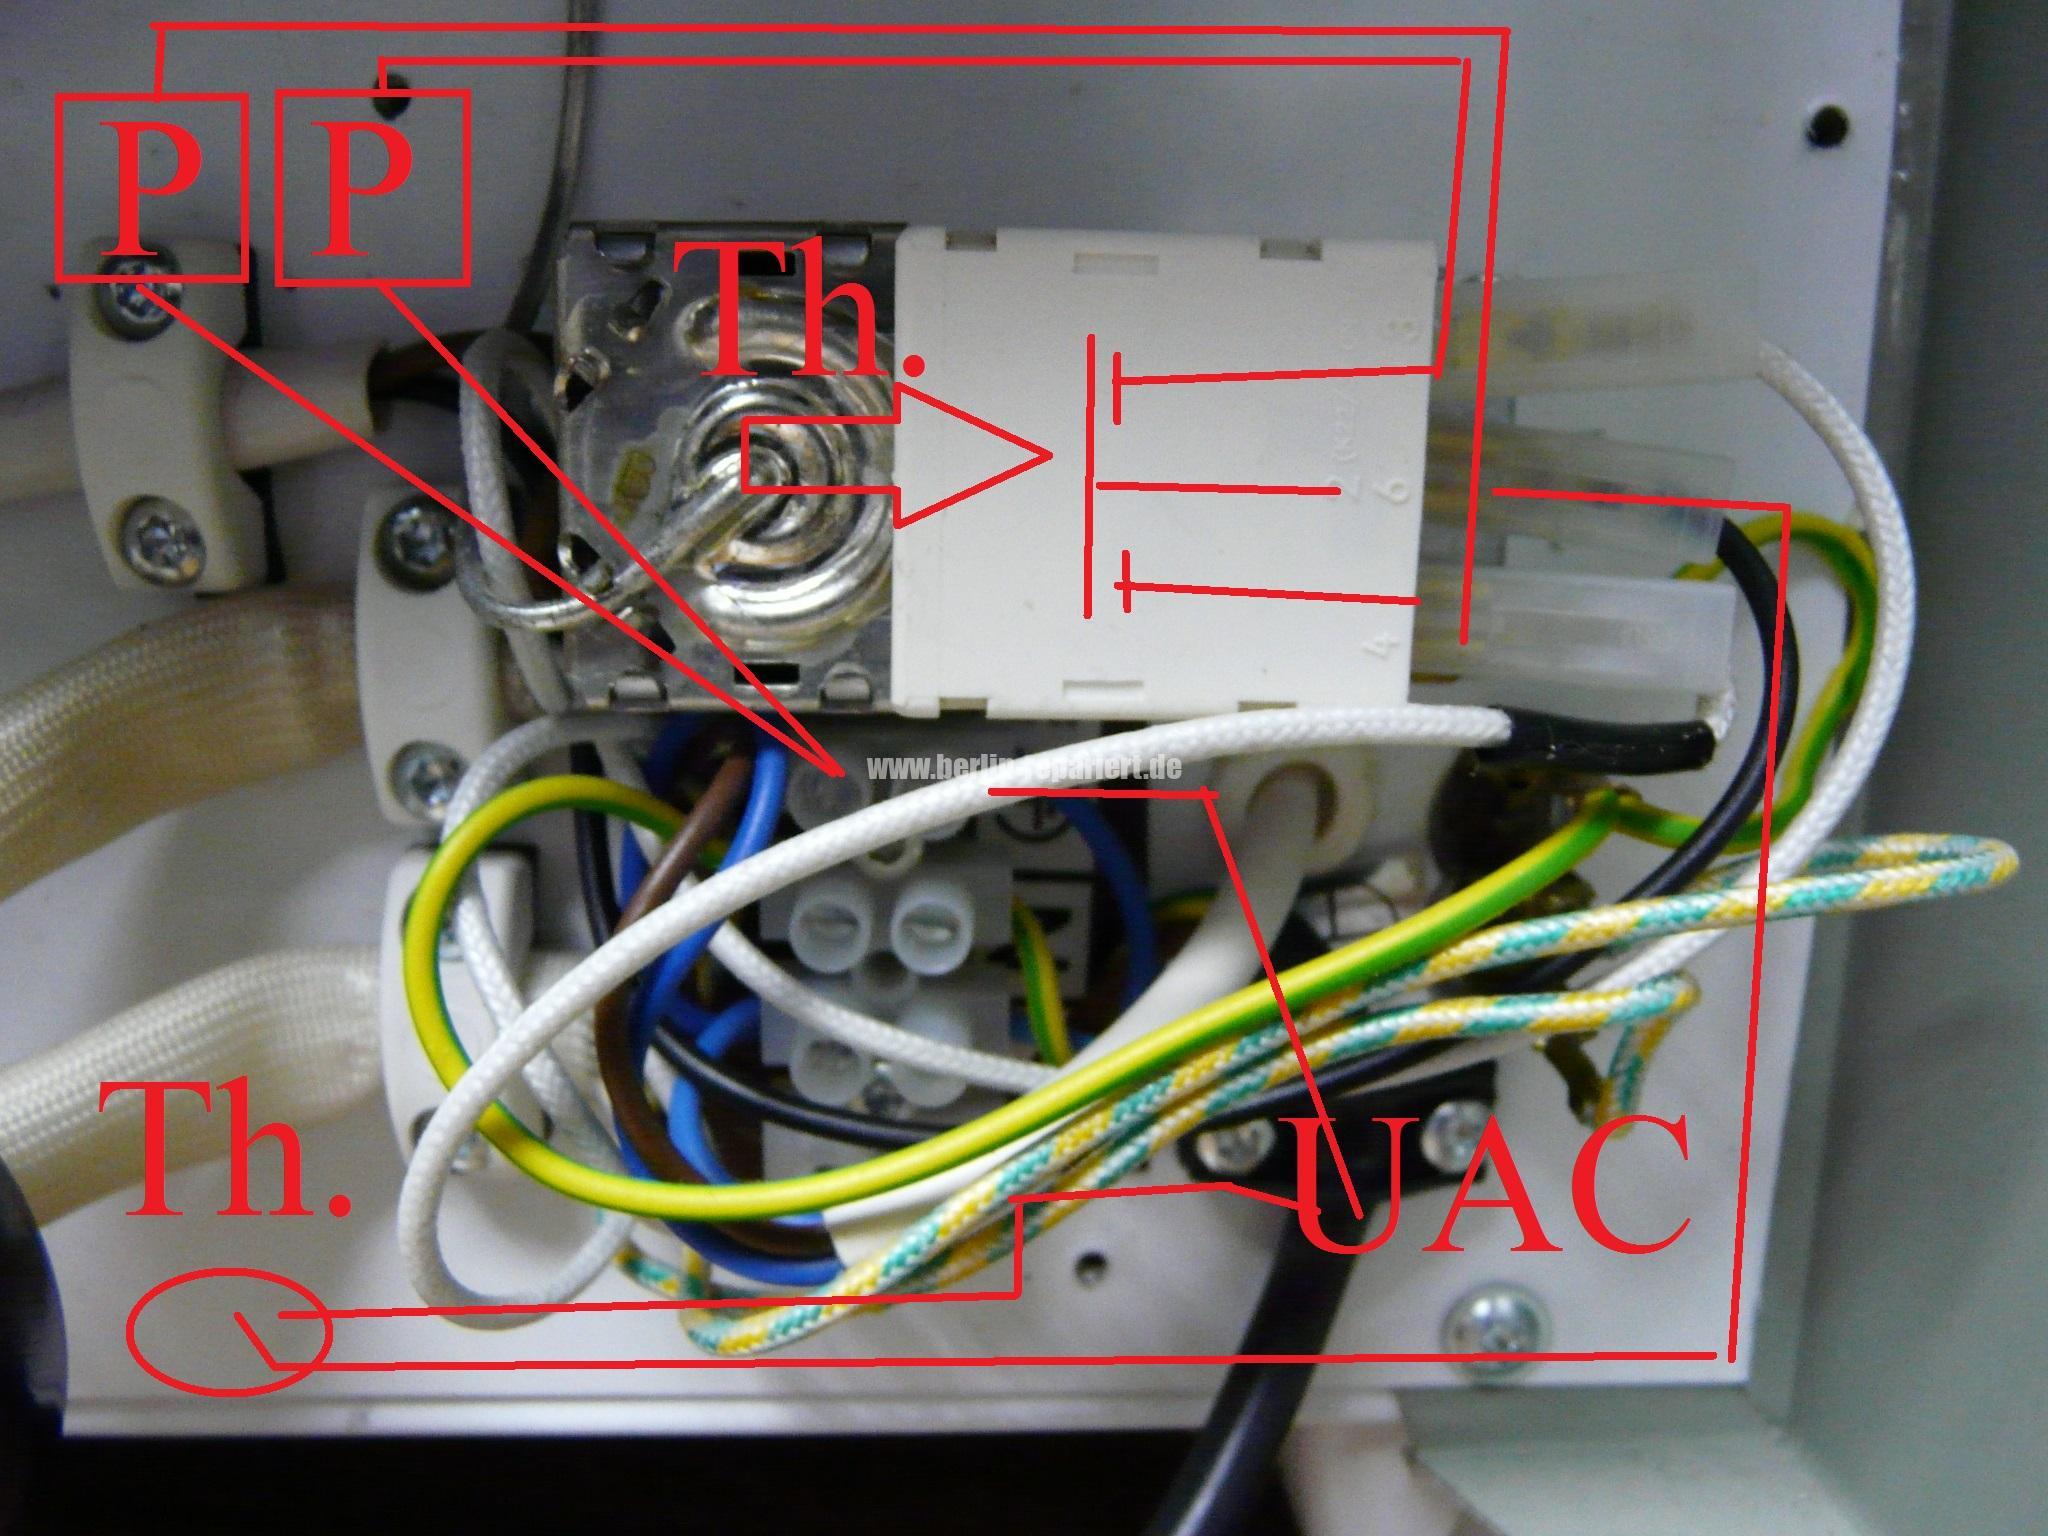 Strom dometic mit kühlt kühlschrank nicht Dometic RML